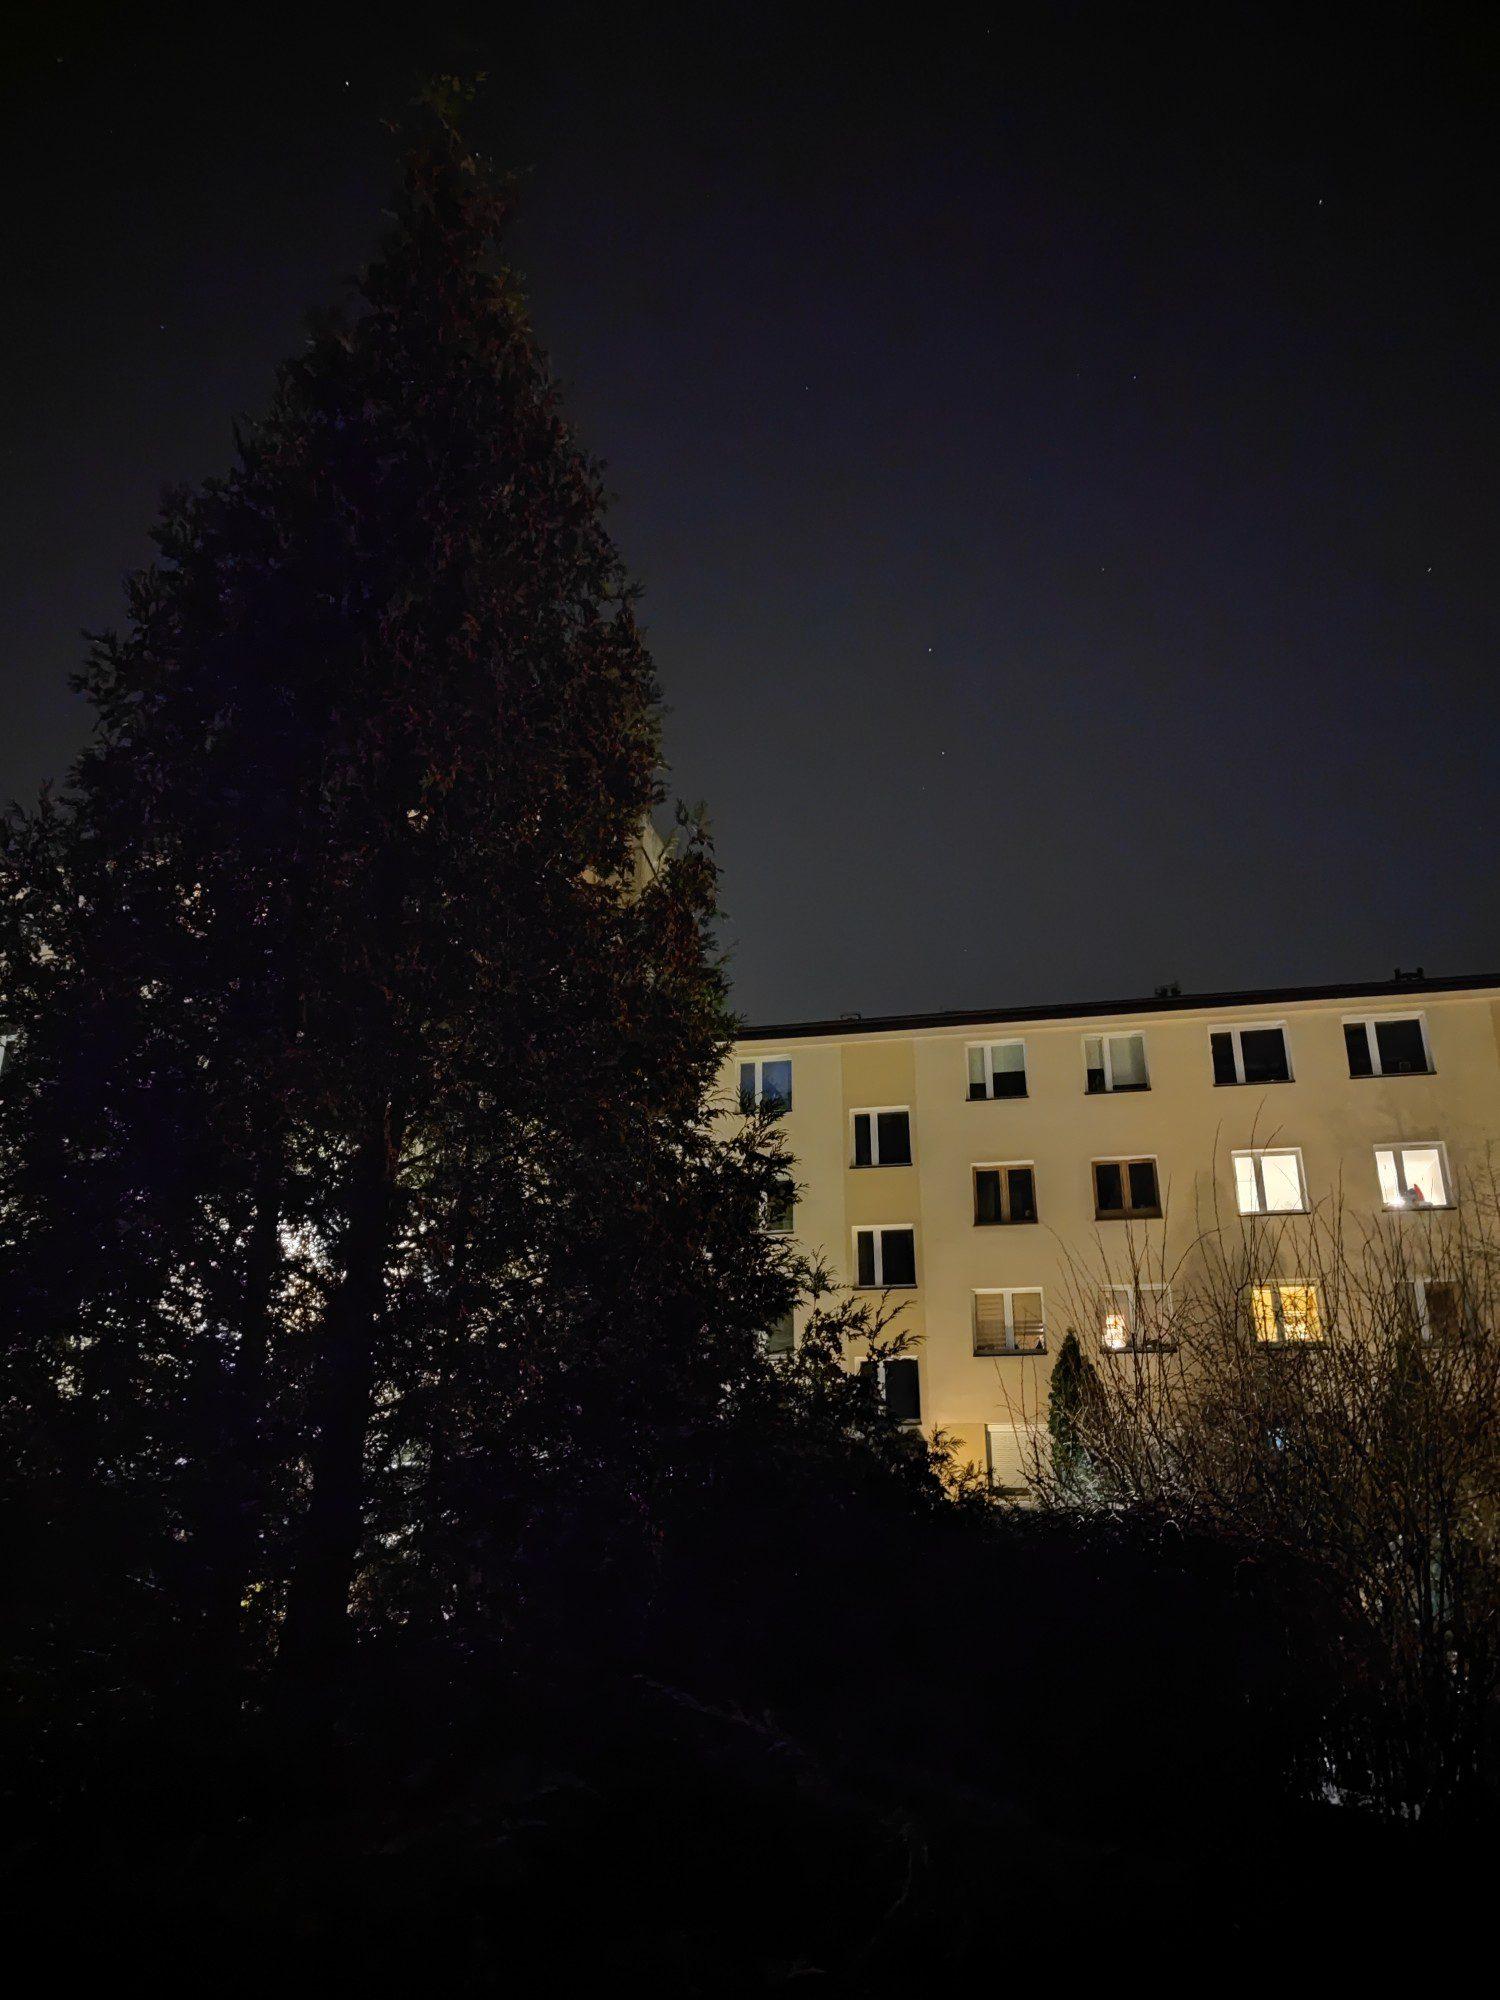 podwórko w trybie nocnym xiaomi mi 11